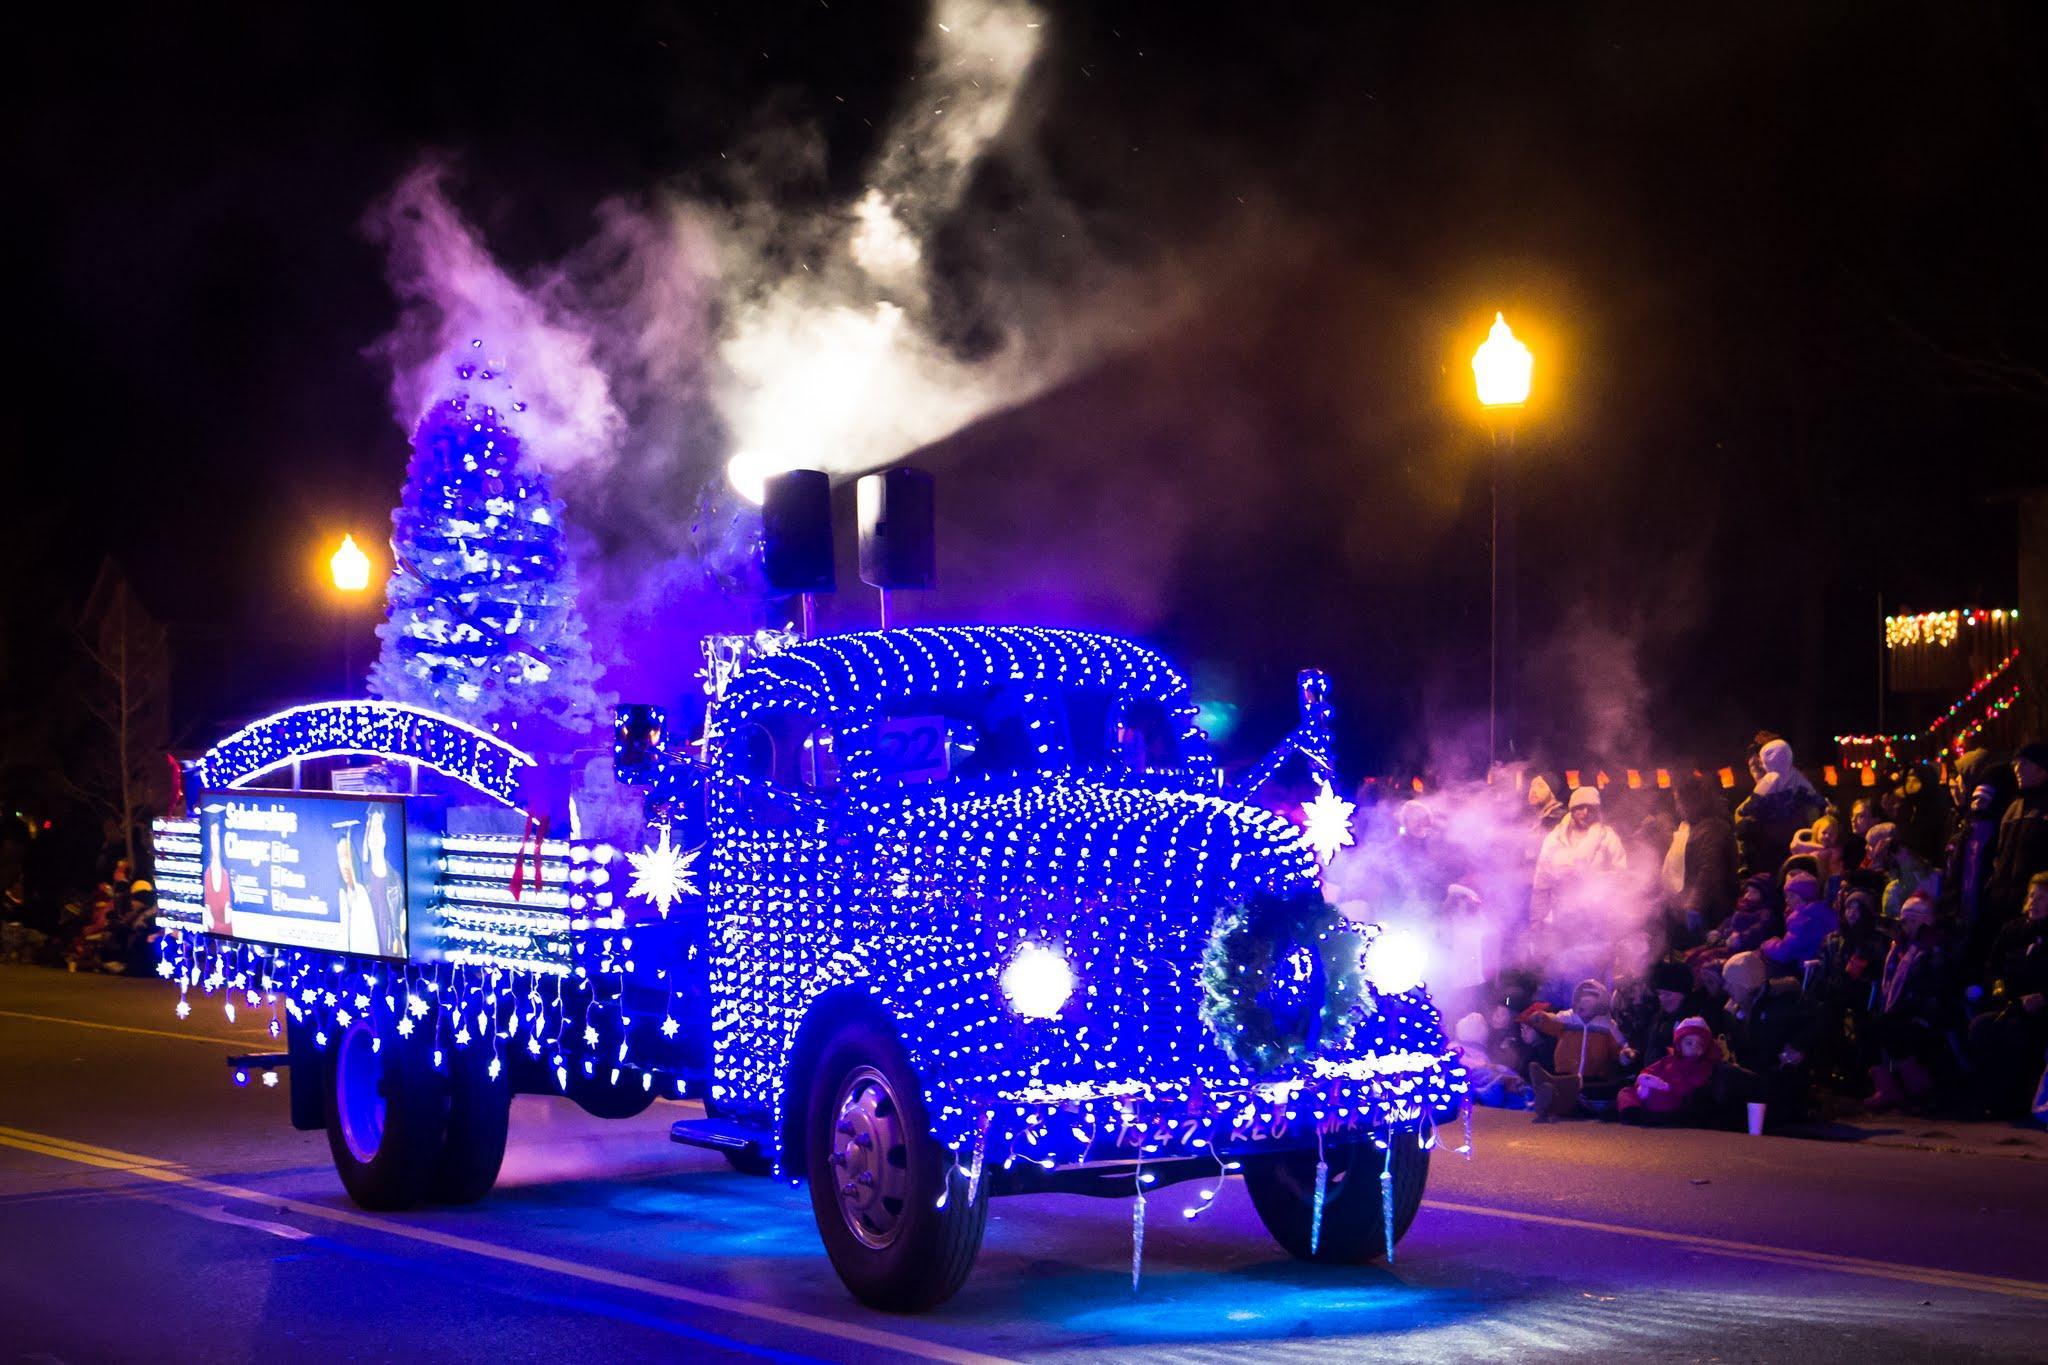 Winner_of_the_2012_Fantasy_of_Lights_Parade